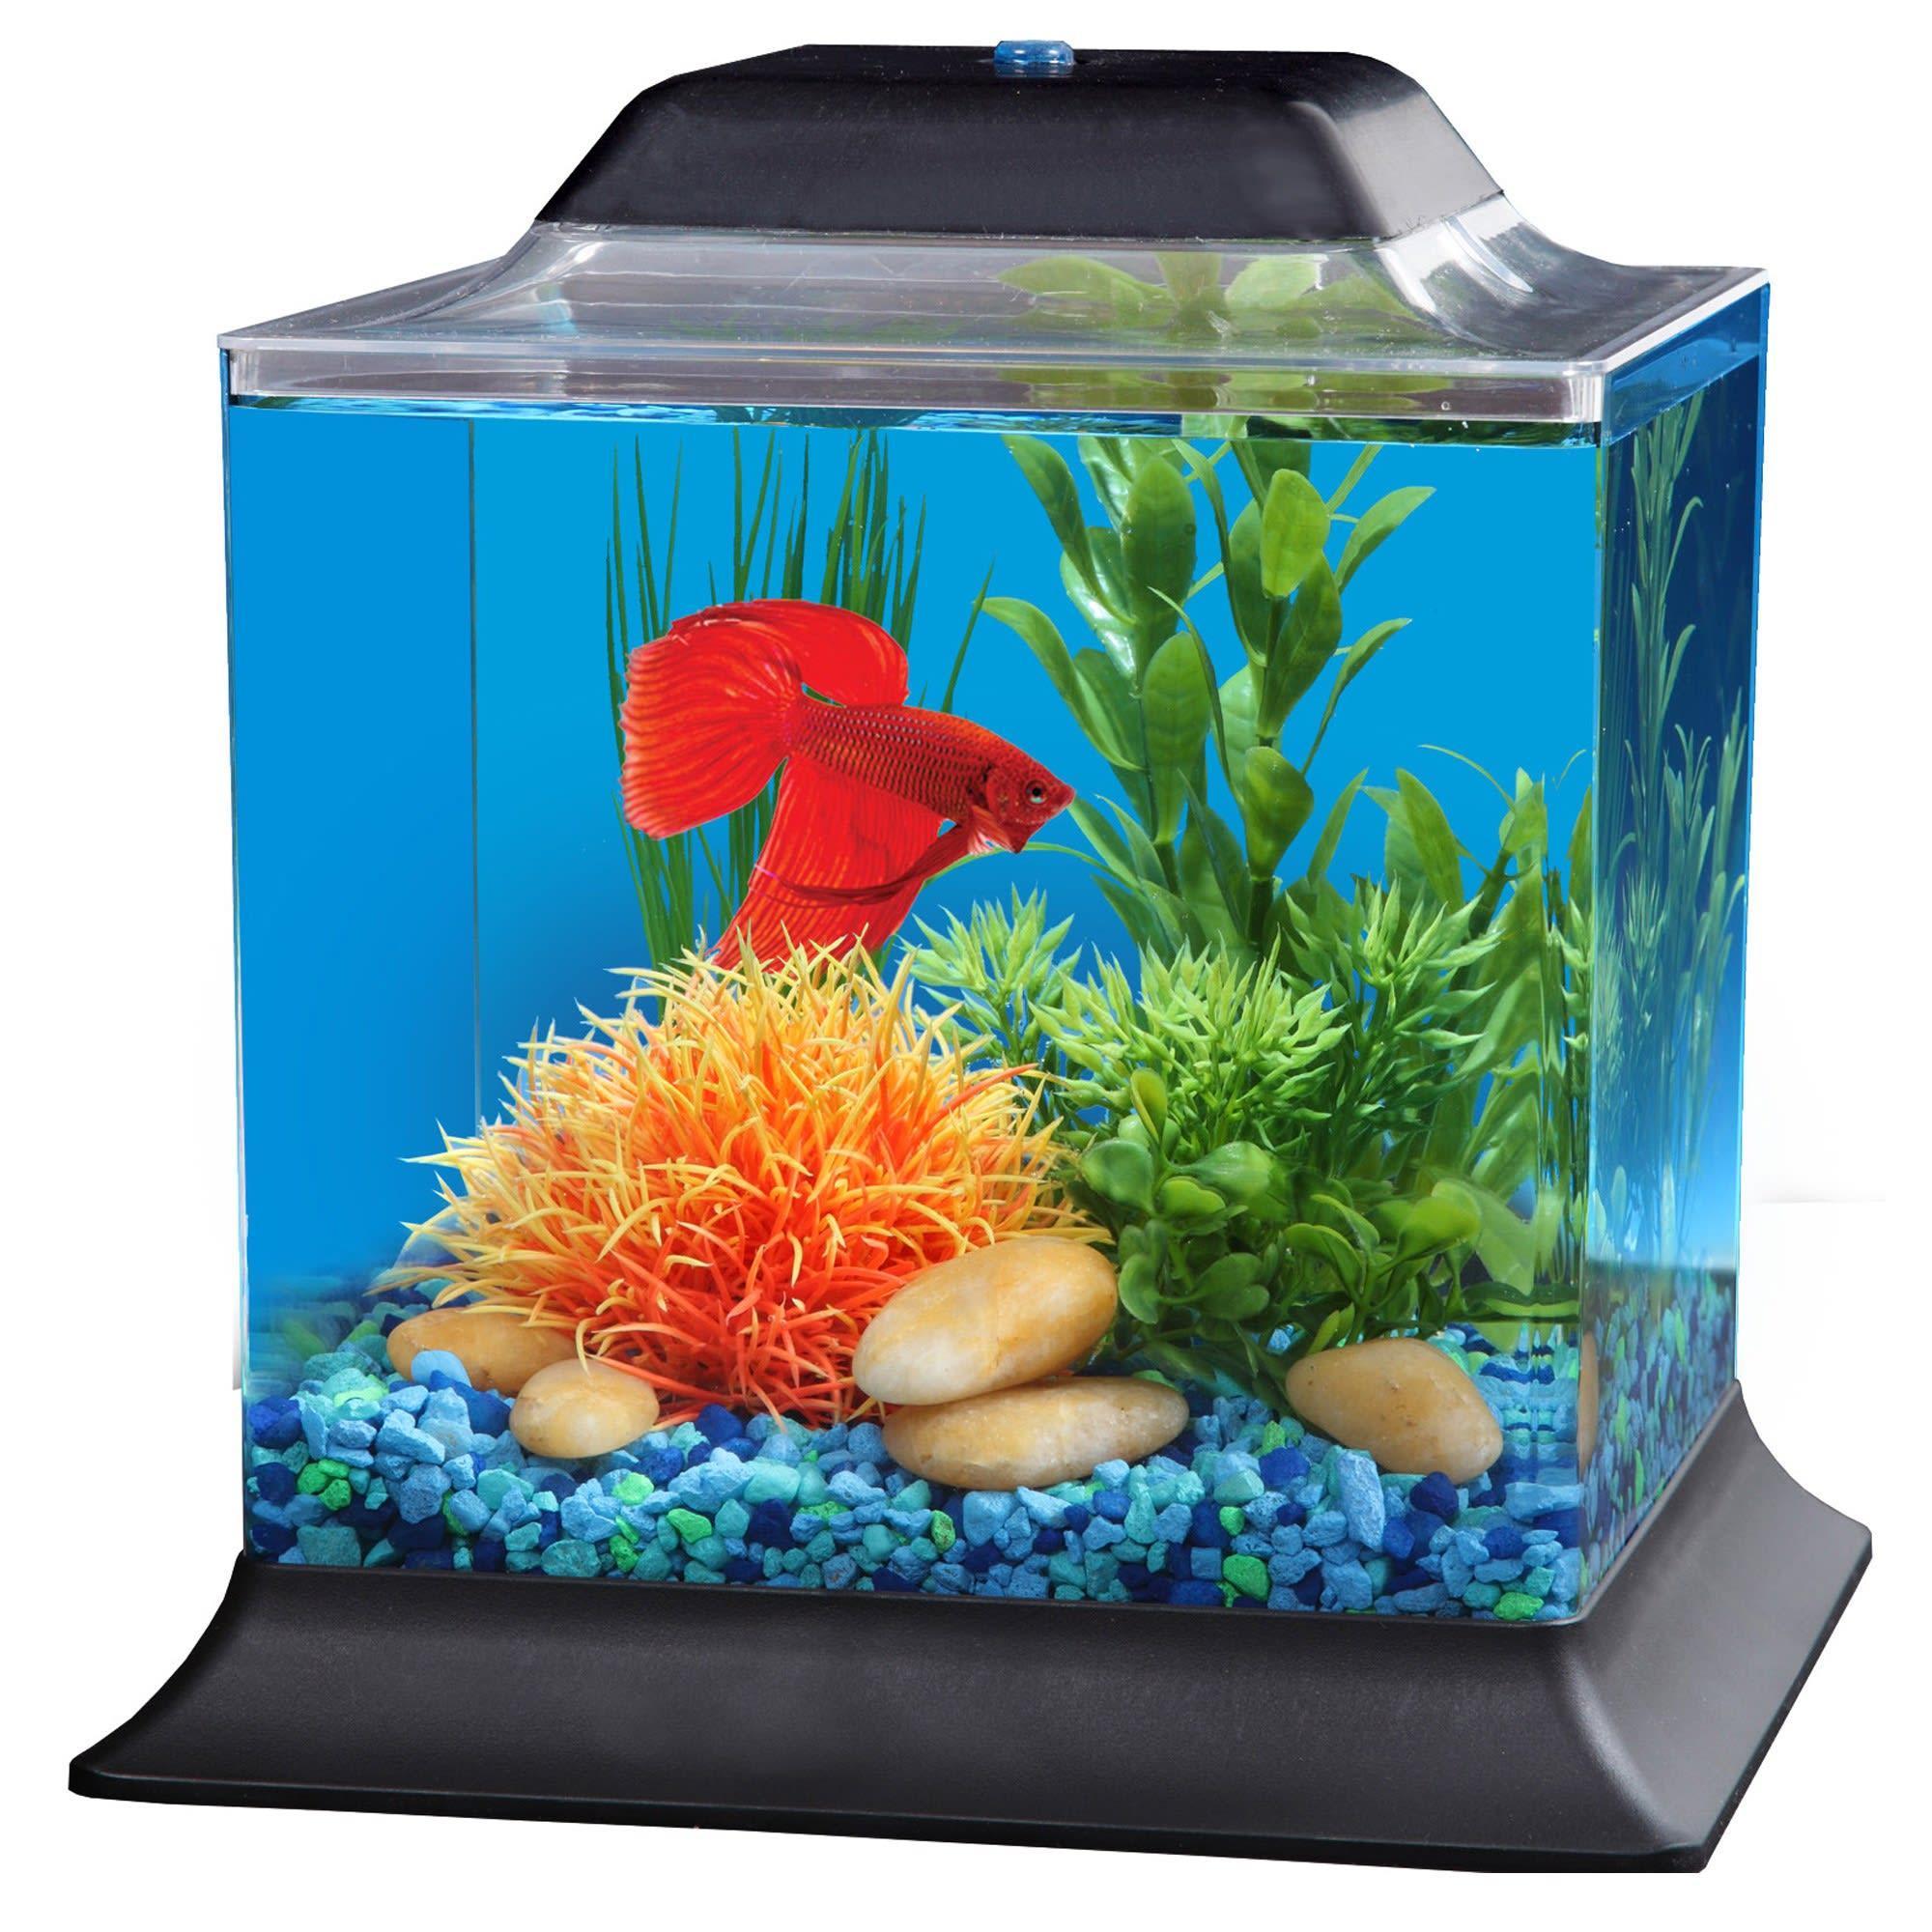 Imagitarium 1 4 Gallon Betta Aquarium Petco